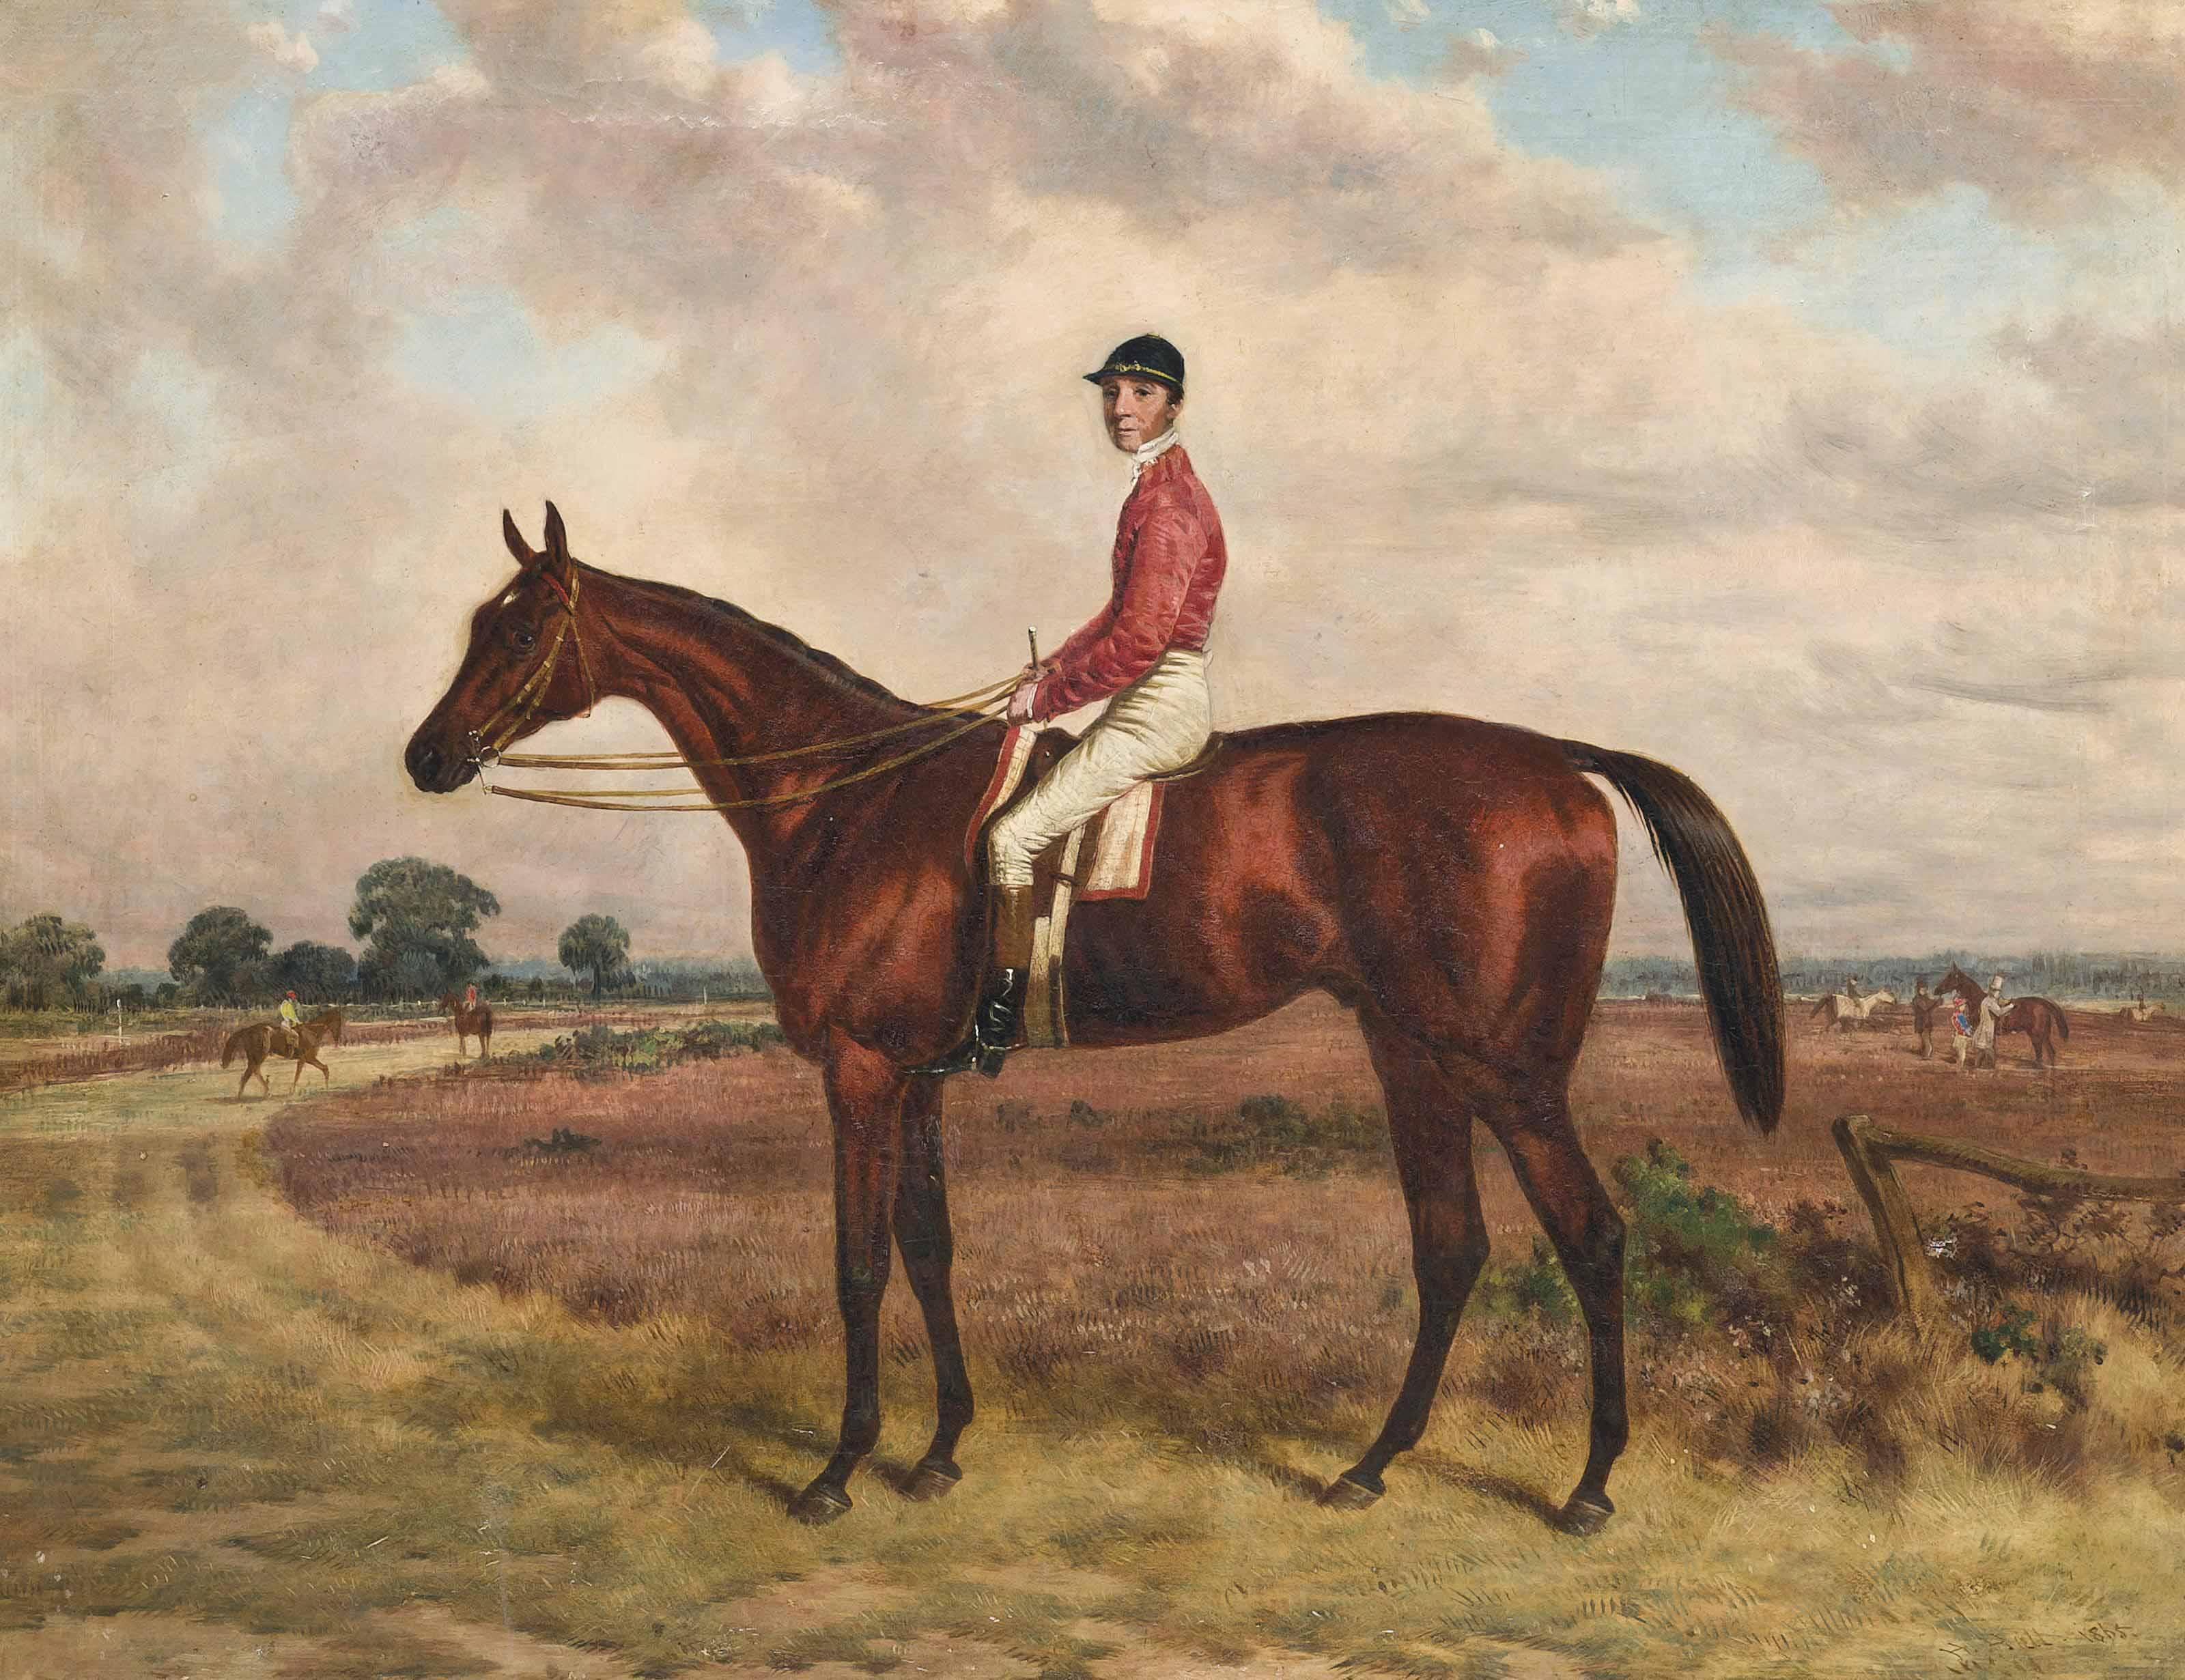 Bay racehorse, with jockey up